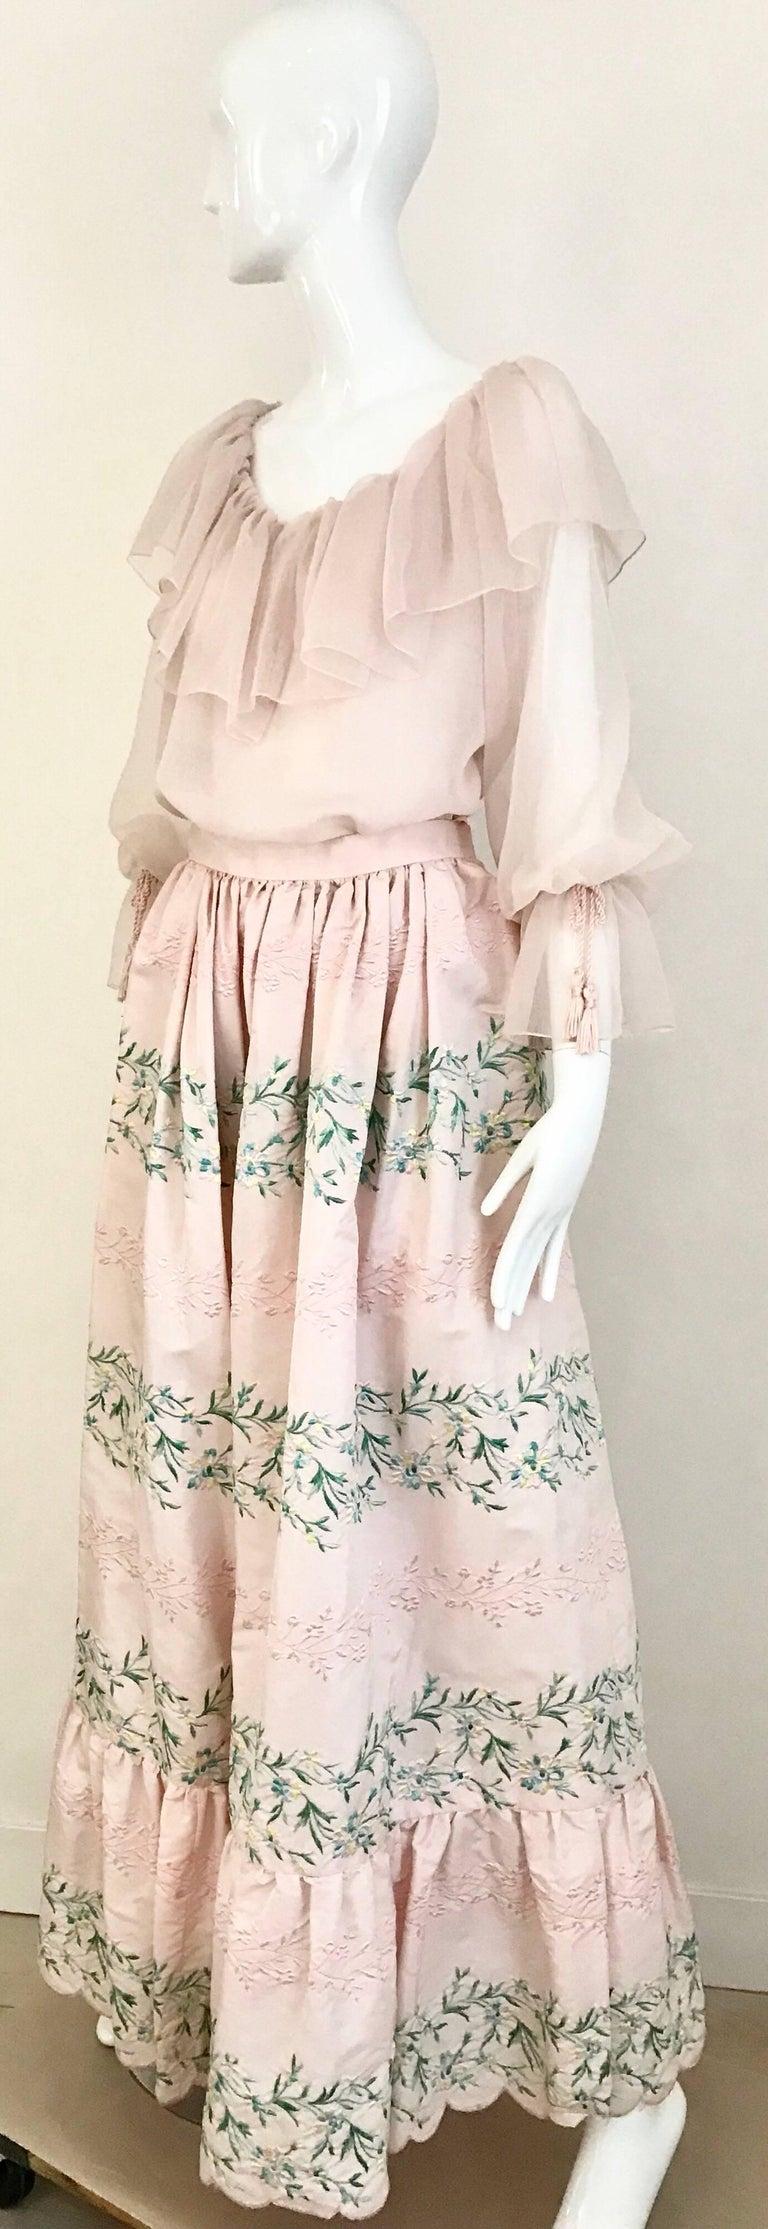 Vintage Oscar De La Renta Light Pink Blouse and Embroidered Maxi Skirt  For Sale 2